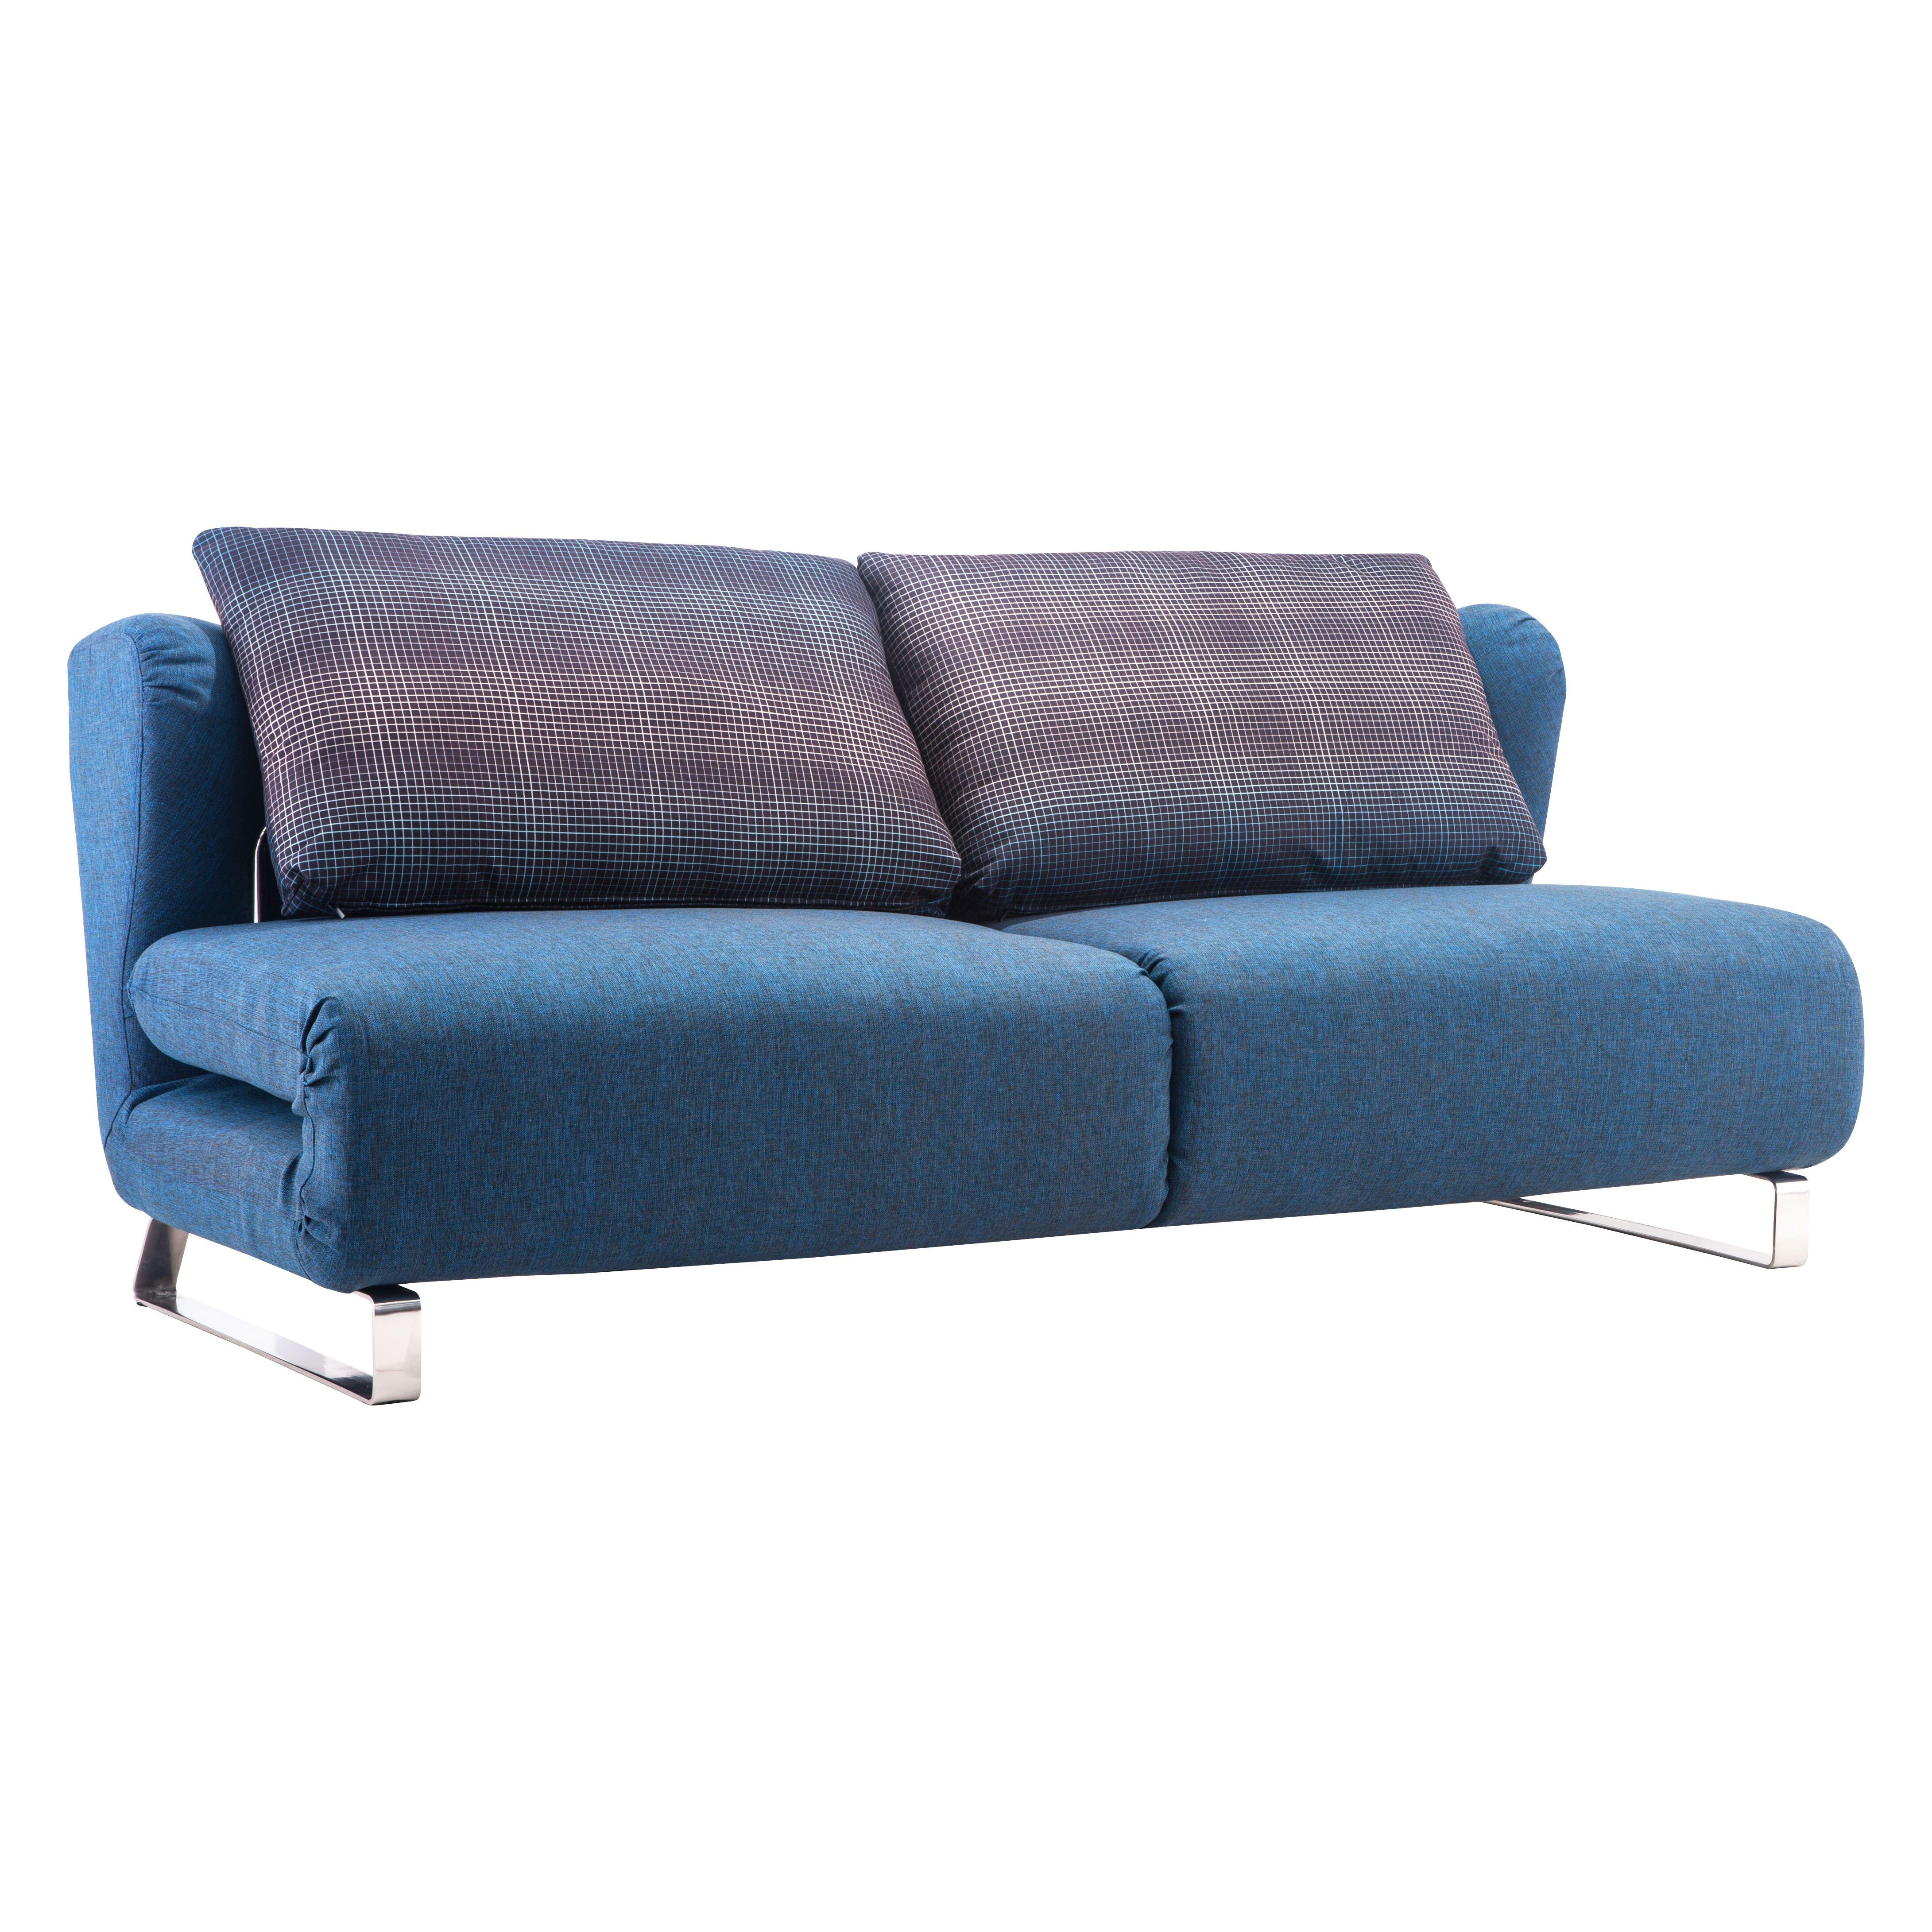 brayden studio montemayor sleeper sofa reviews wayfair